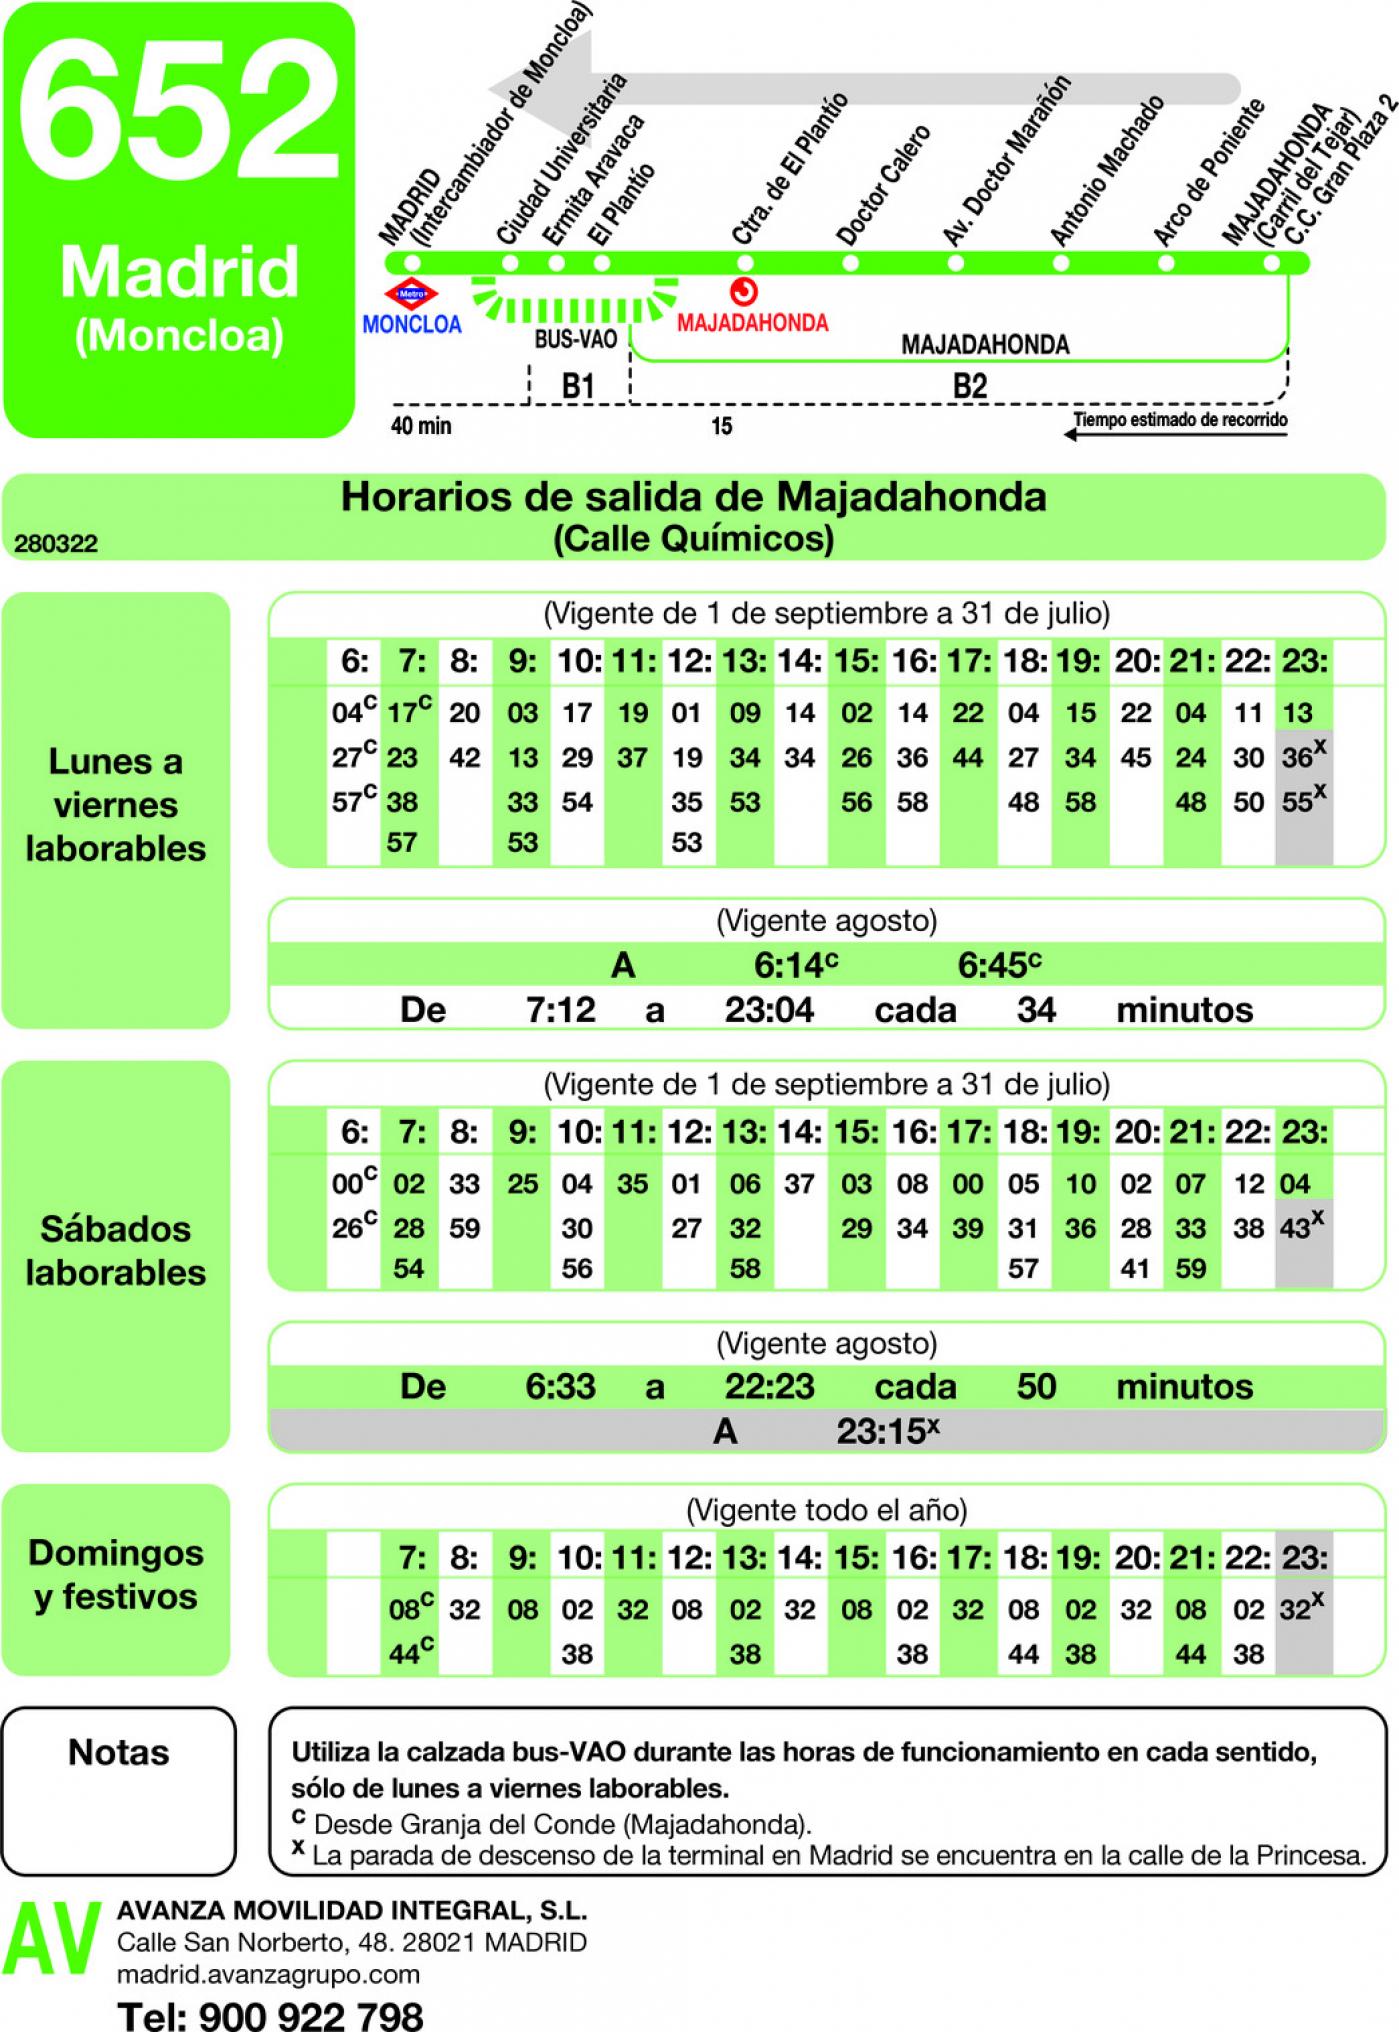 Tabla de horarios y frecuencias de paso en sentido vuelta Línea 652: Madrid (Moncloa) - Majadahonda (Granja del Conde)